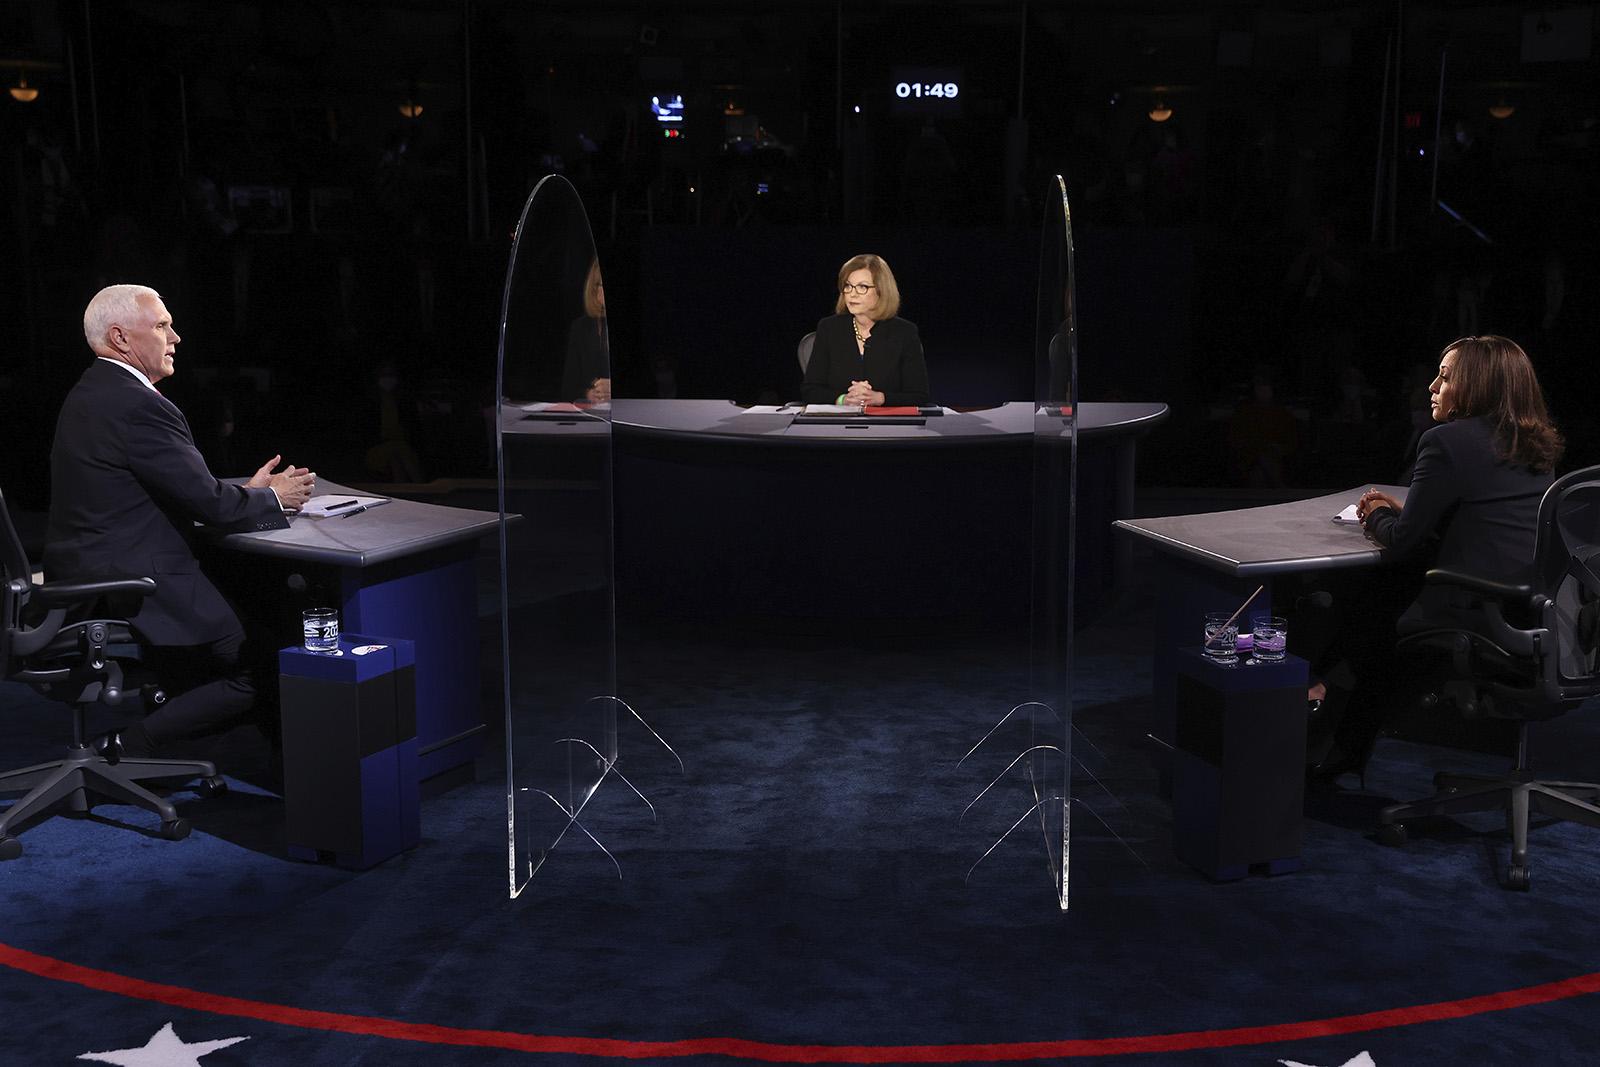 美副总统候选人隔3.6米辩论:不戴口罩 大玻璃板隔开